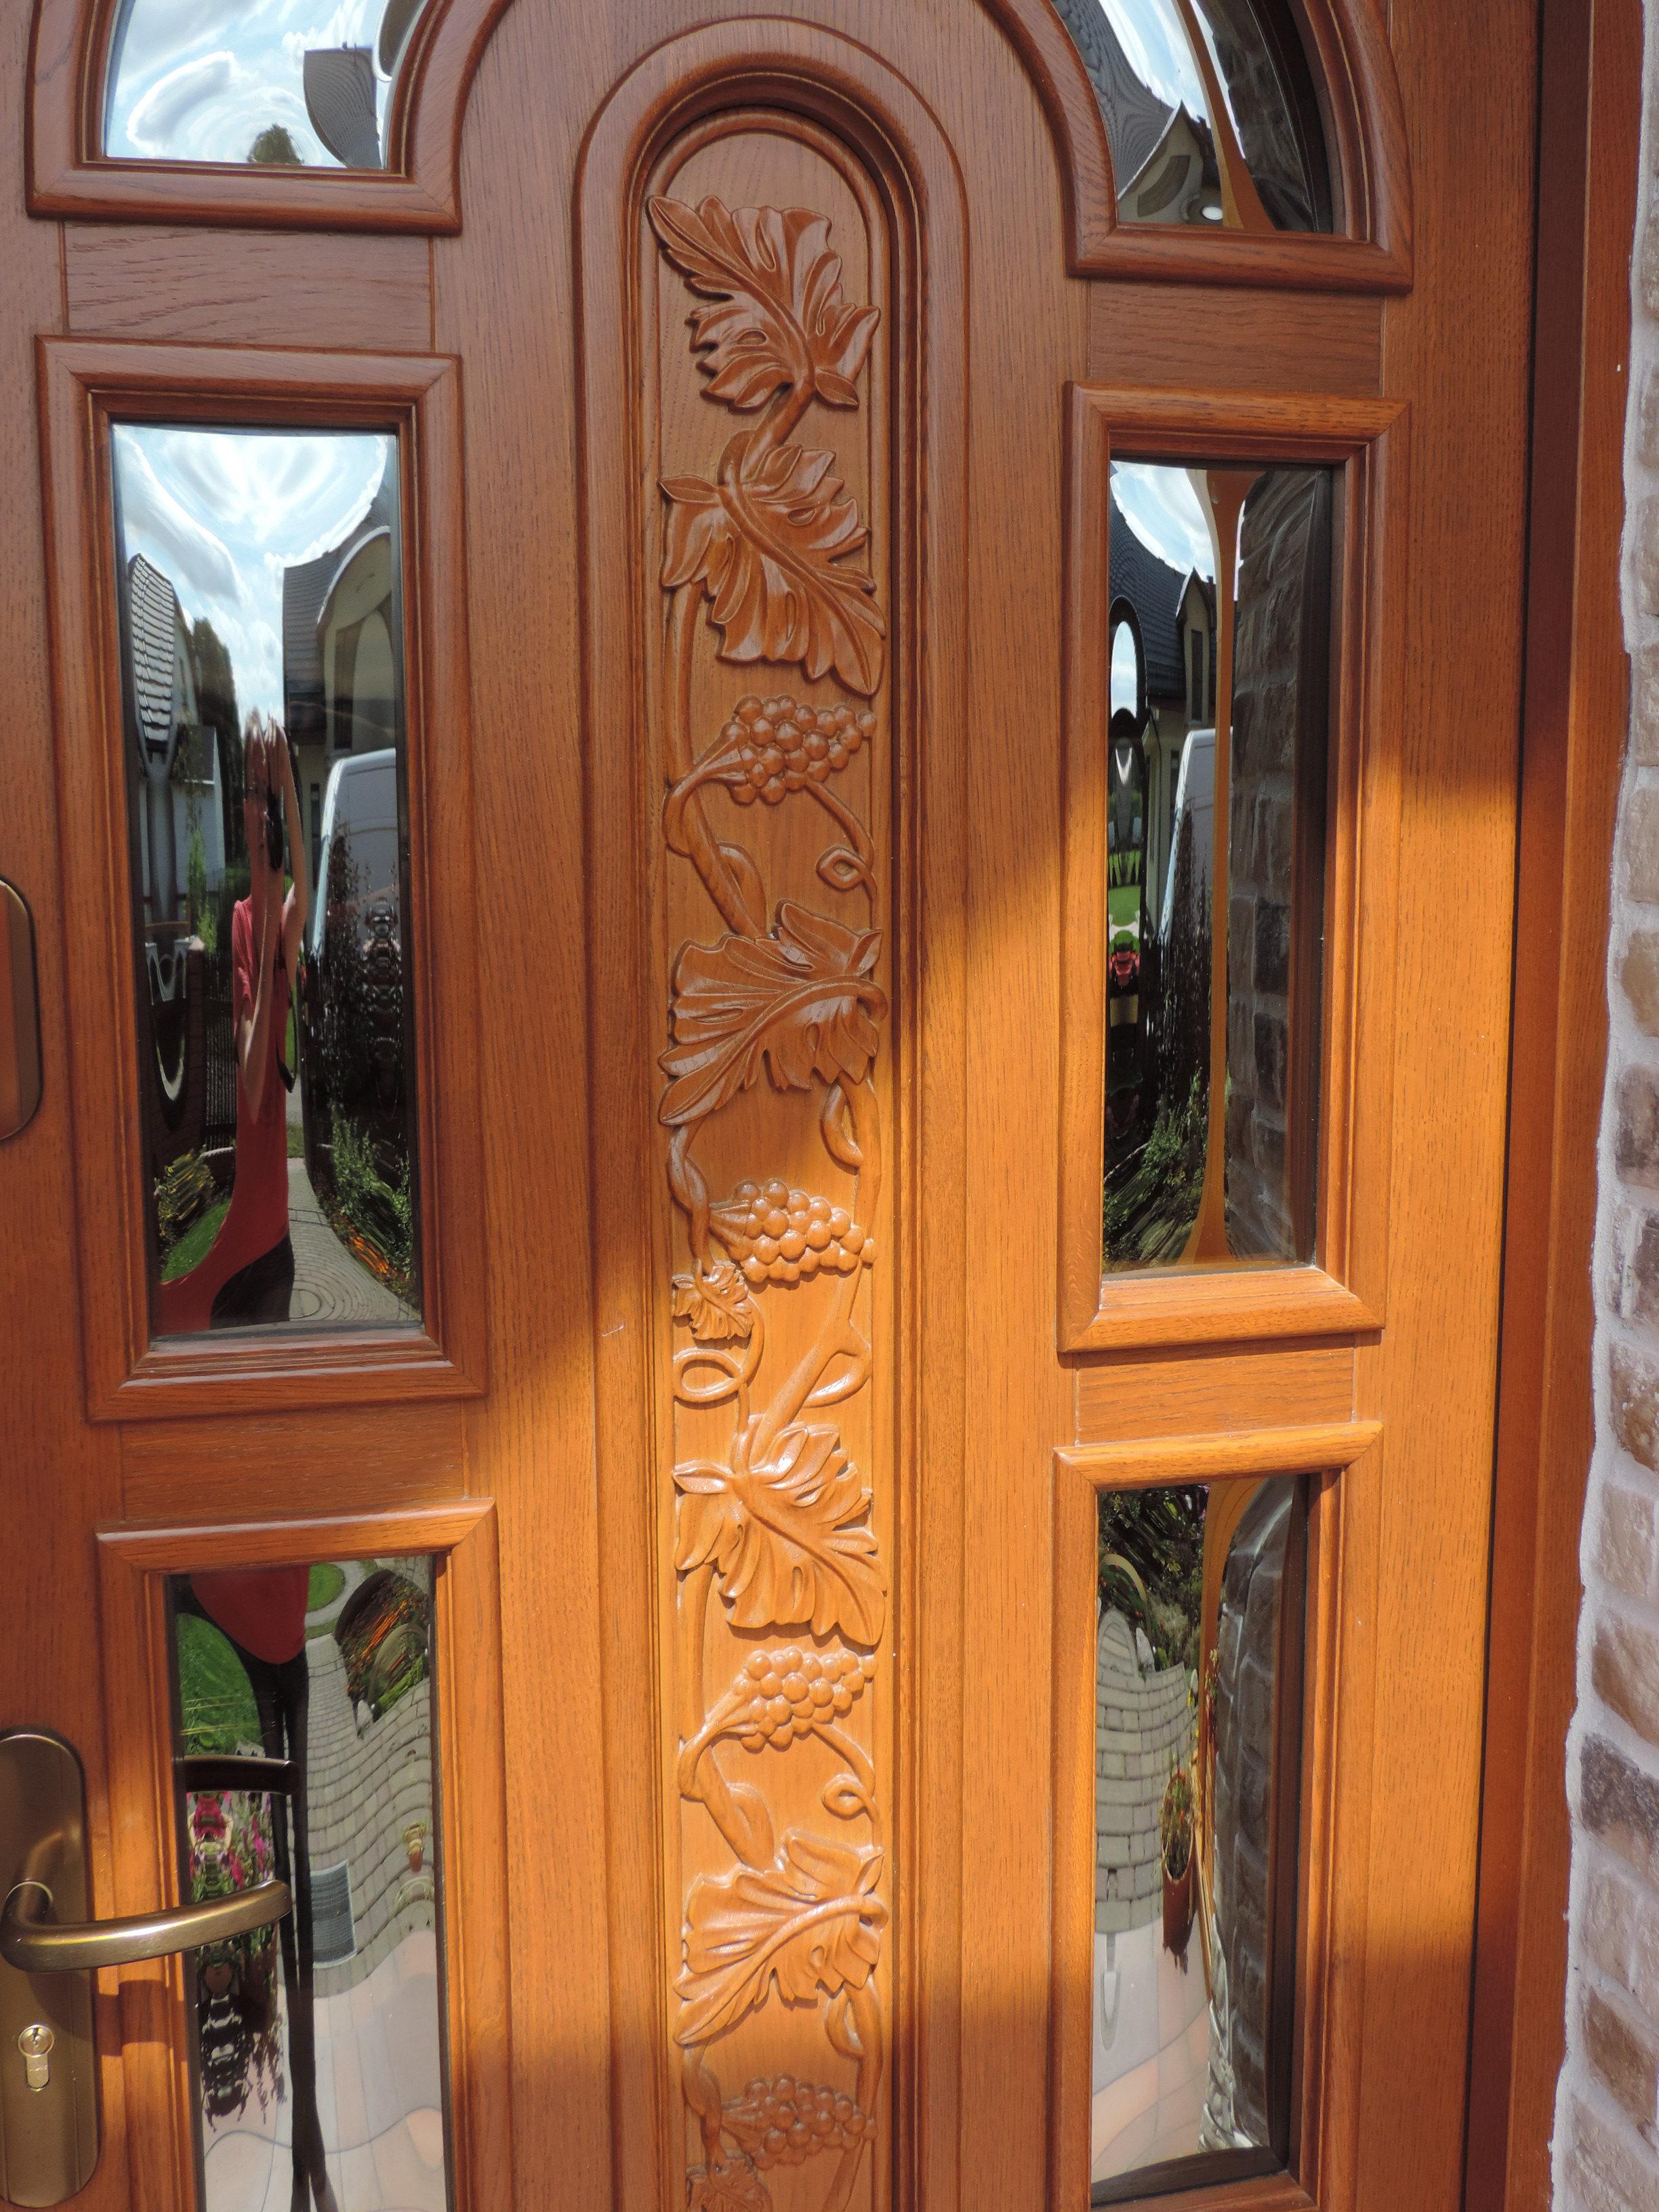 rzeźbiona część środkowa drzwi - kiście winogron, szyba w pełni bezpieczna